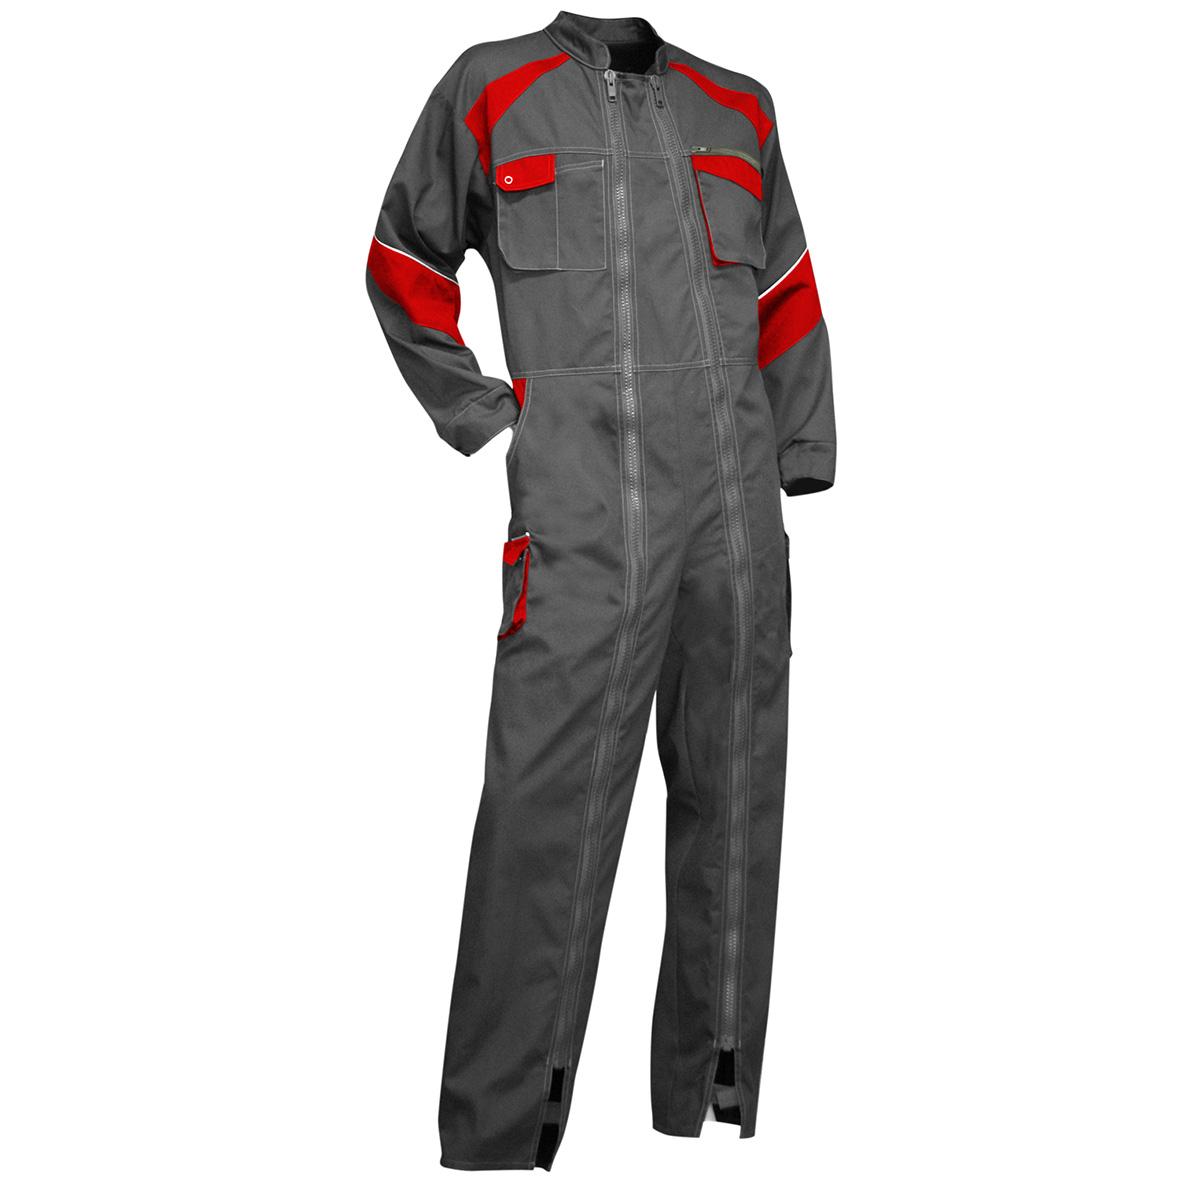 Cote de travail homme Luzerne, double fermeture gris et rouge, Taille 6